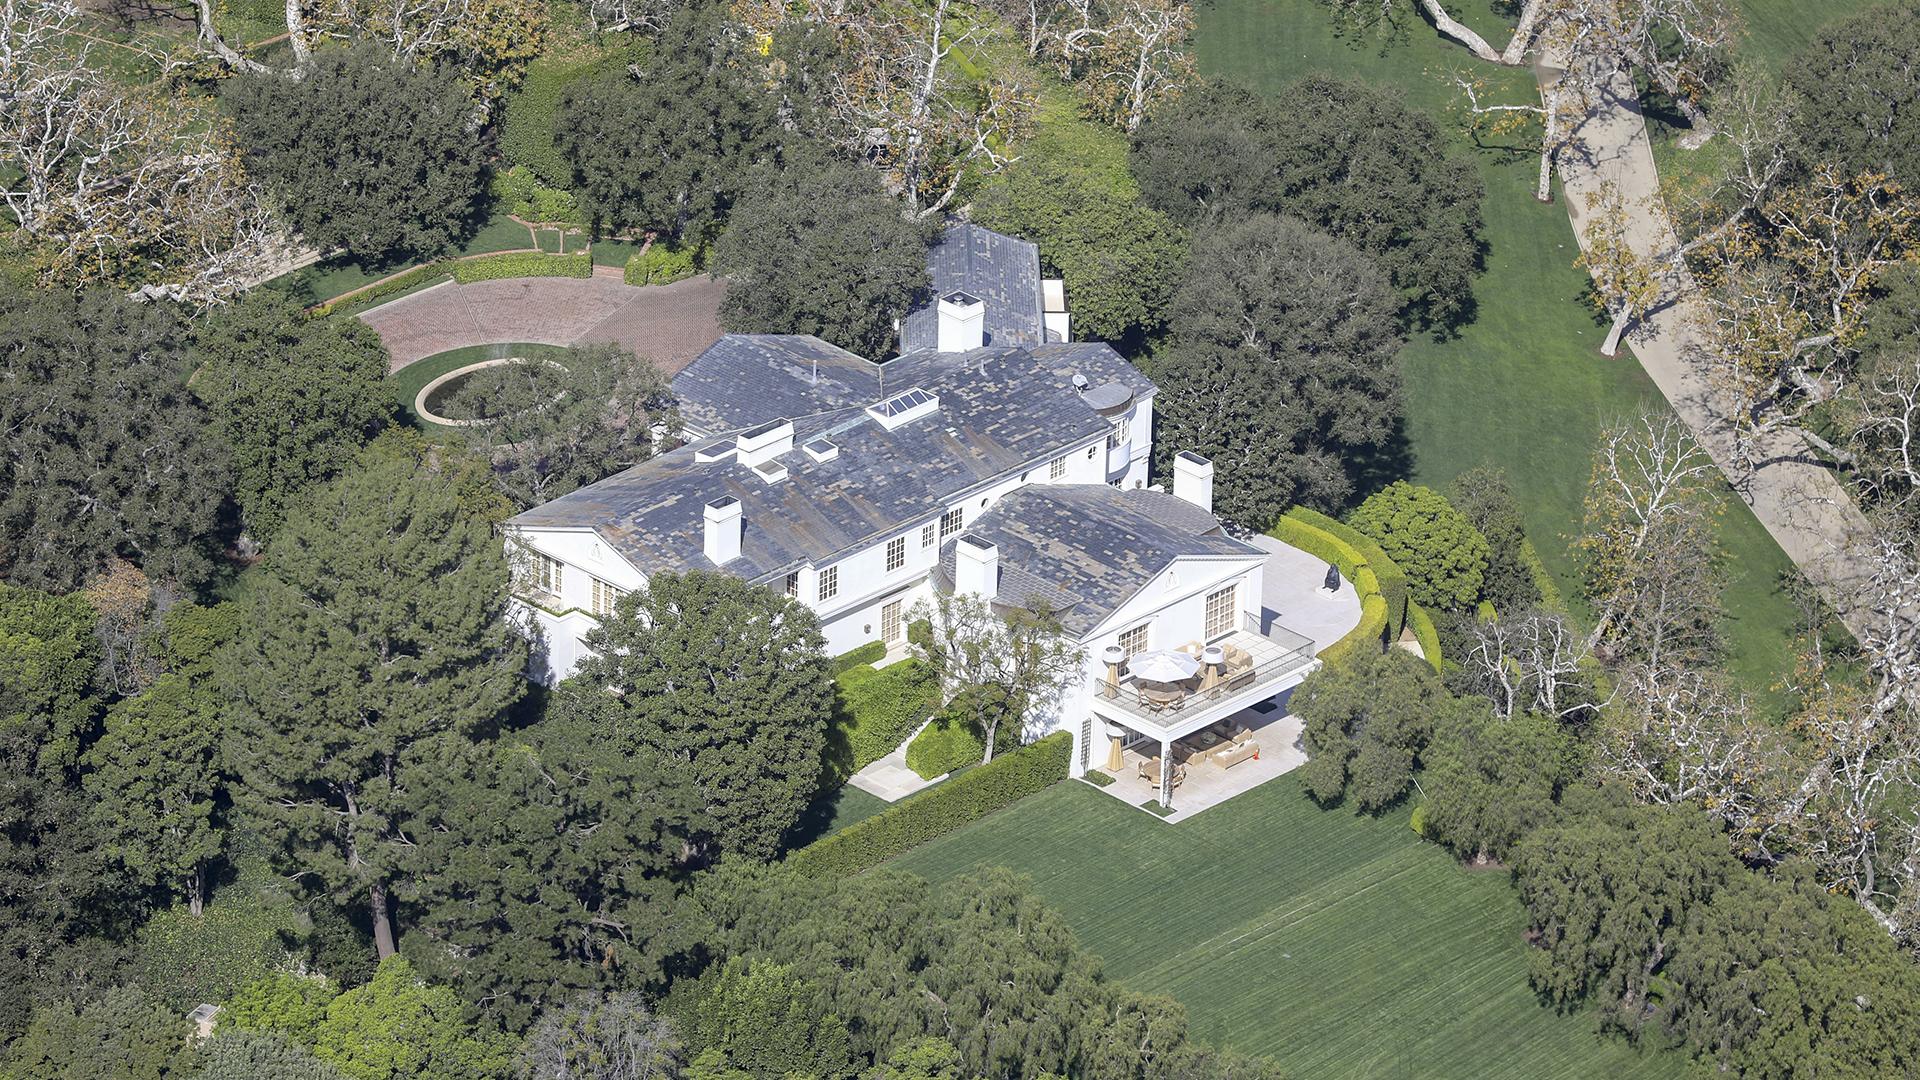 Se trata de una mansión de estilo colonial con una cancha de tenis, piscina y jardines en sus 13.000 metros cuadrados